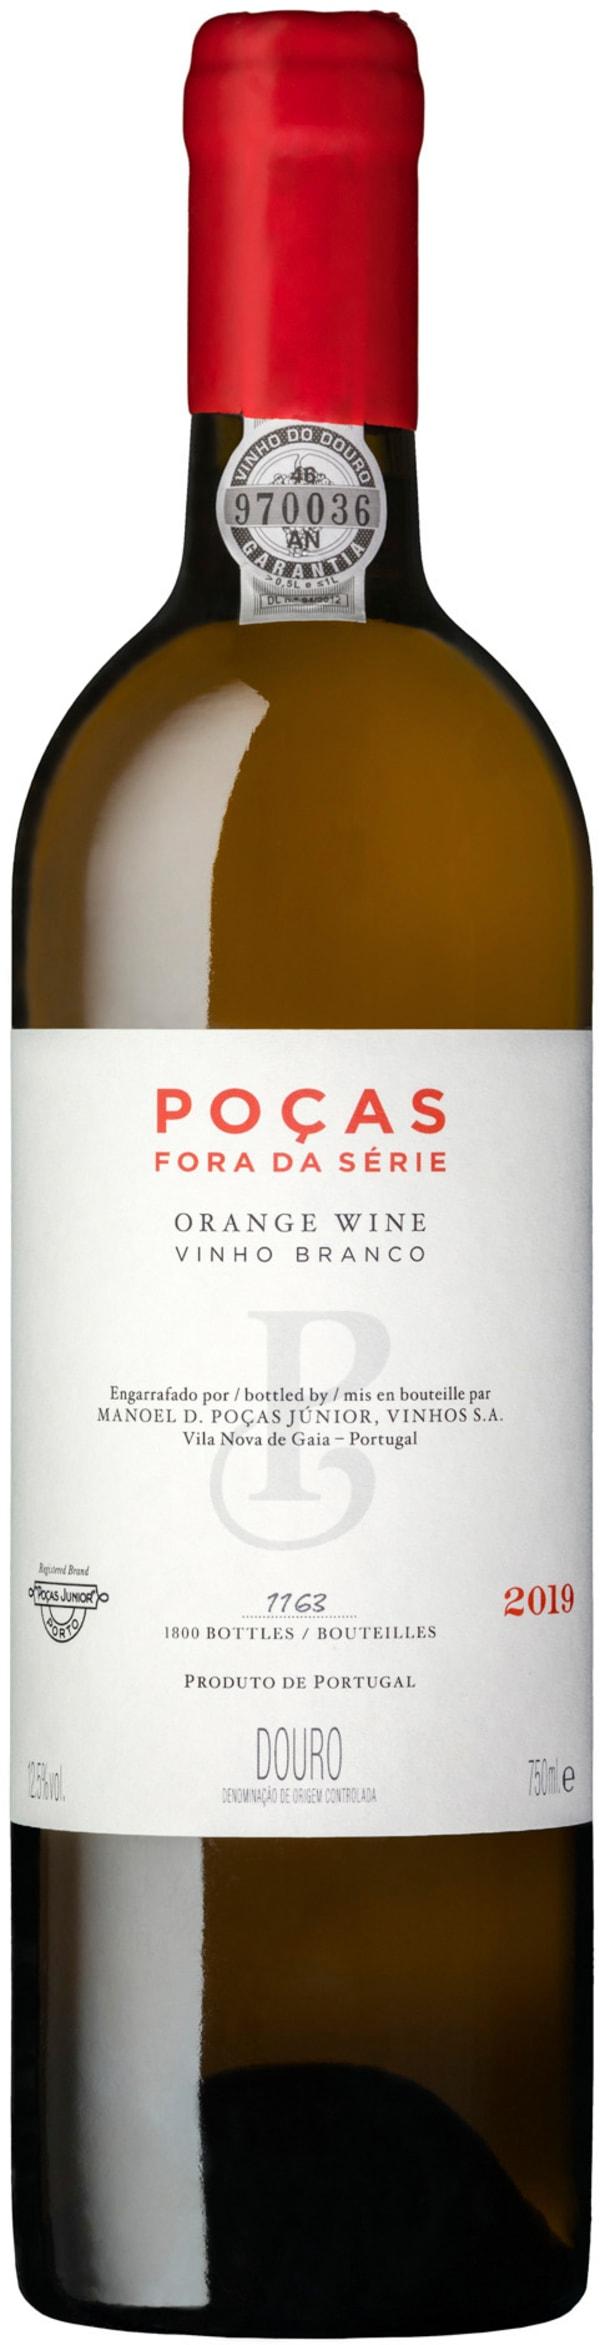 Poças Fora da Série Orange Wine 2019